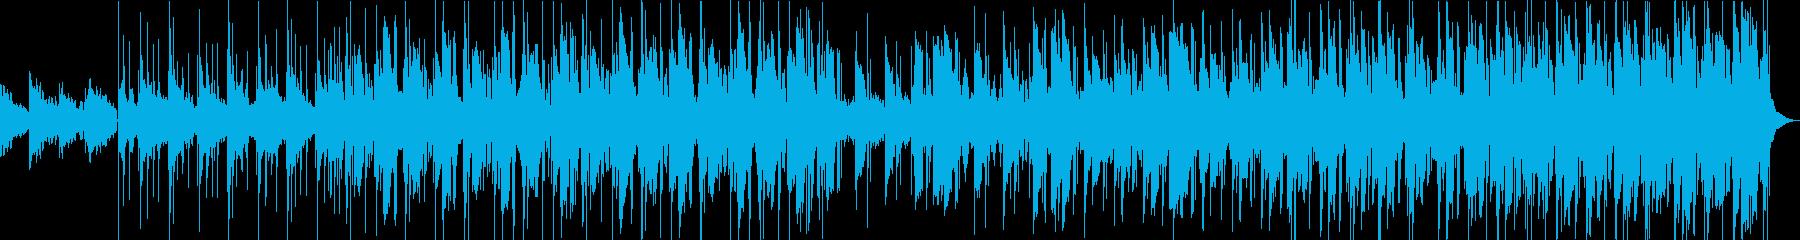 レトロ・温かみのあるLoFiヒップホップの再生済みの波形